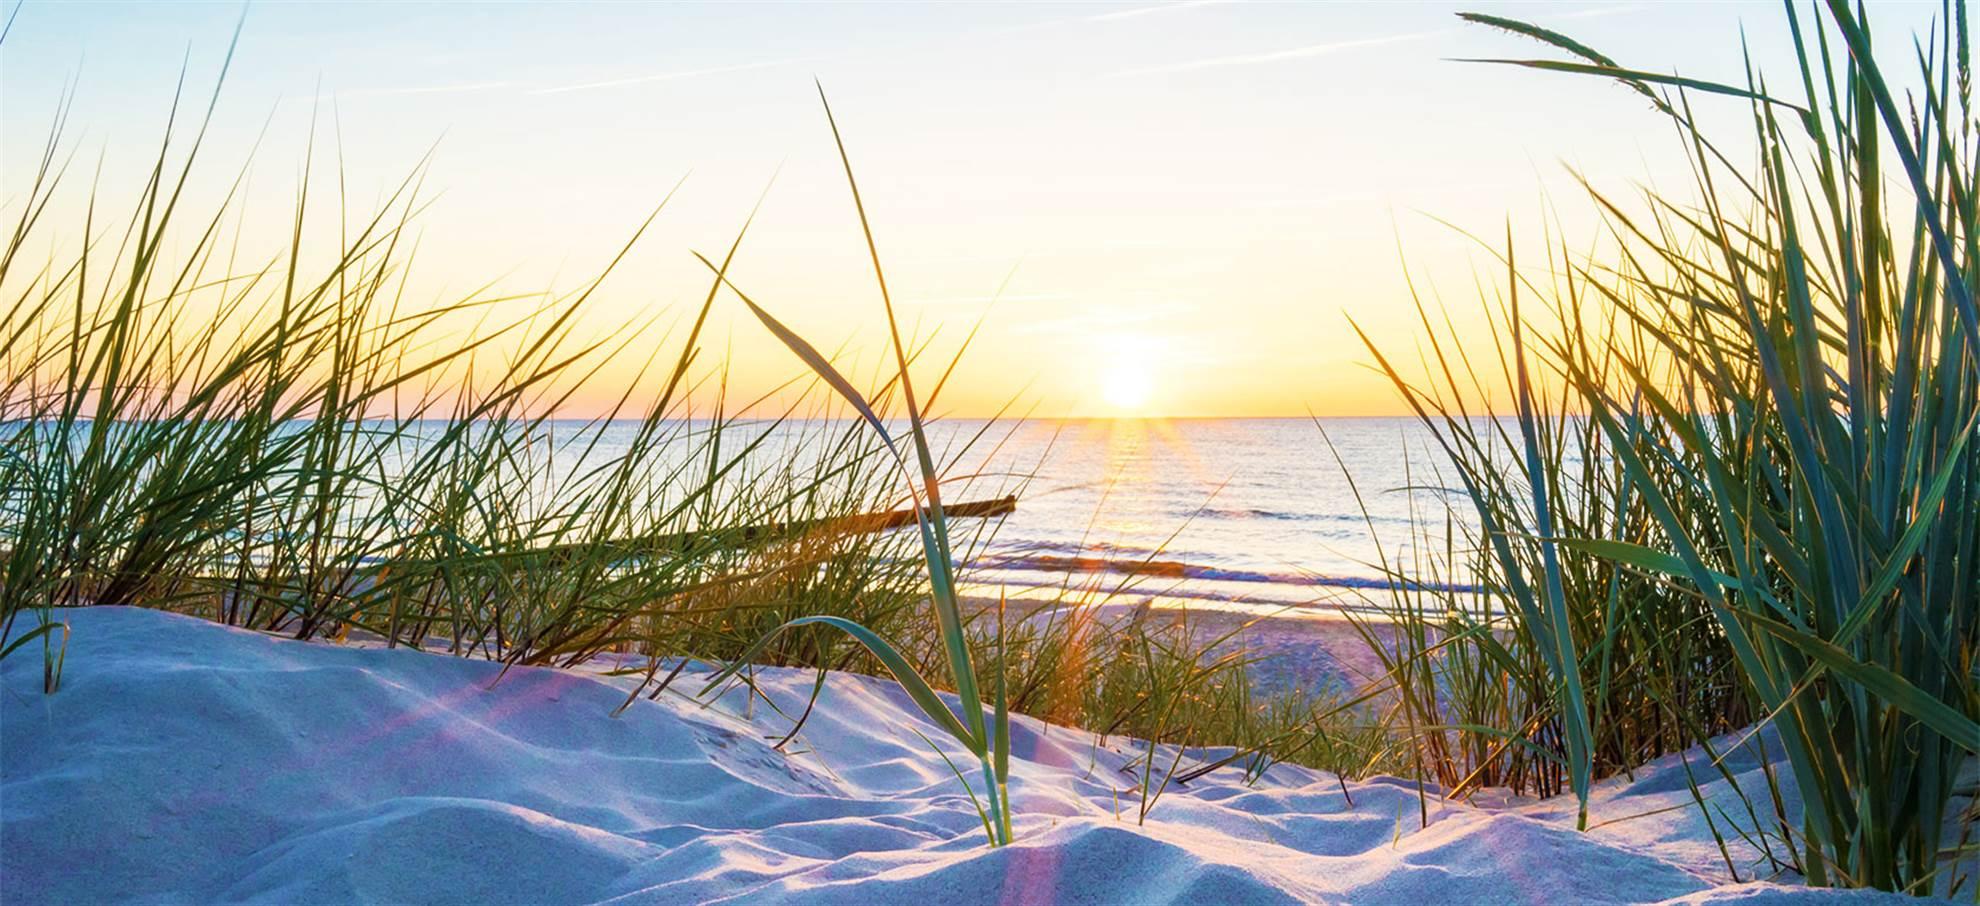 La plage et les dunes: le pays sous le niveau de la mer (Disponible à la réservation)